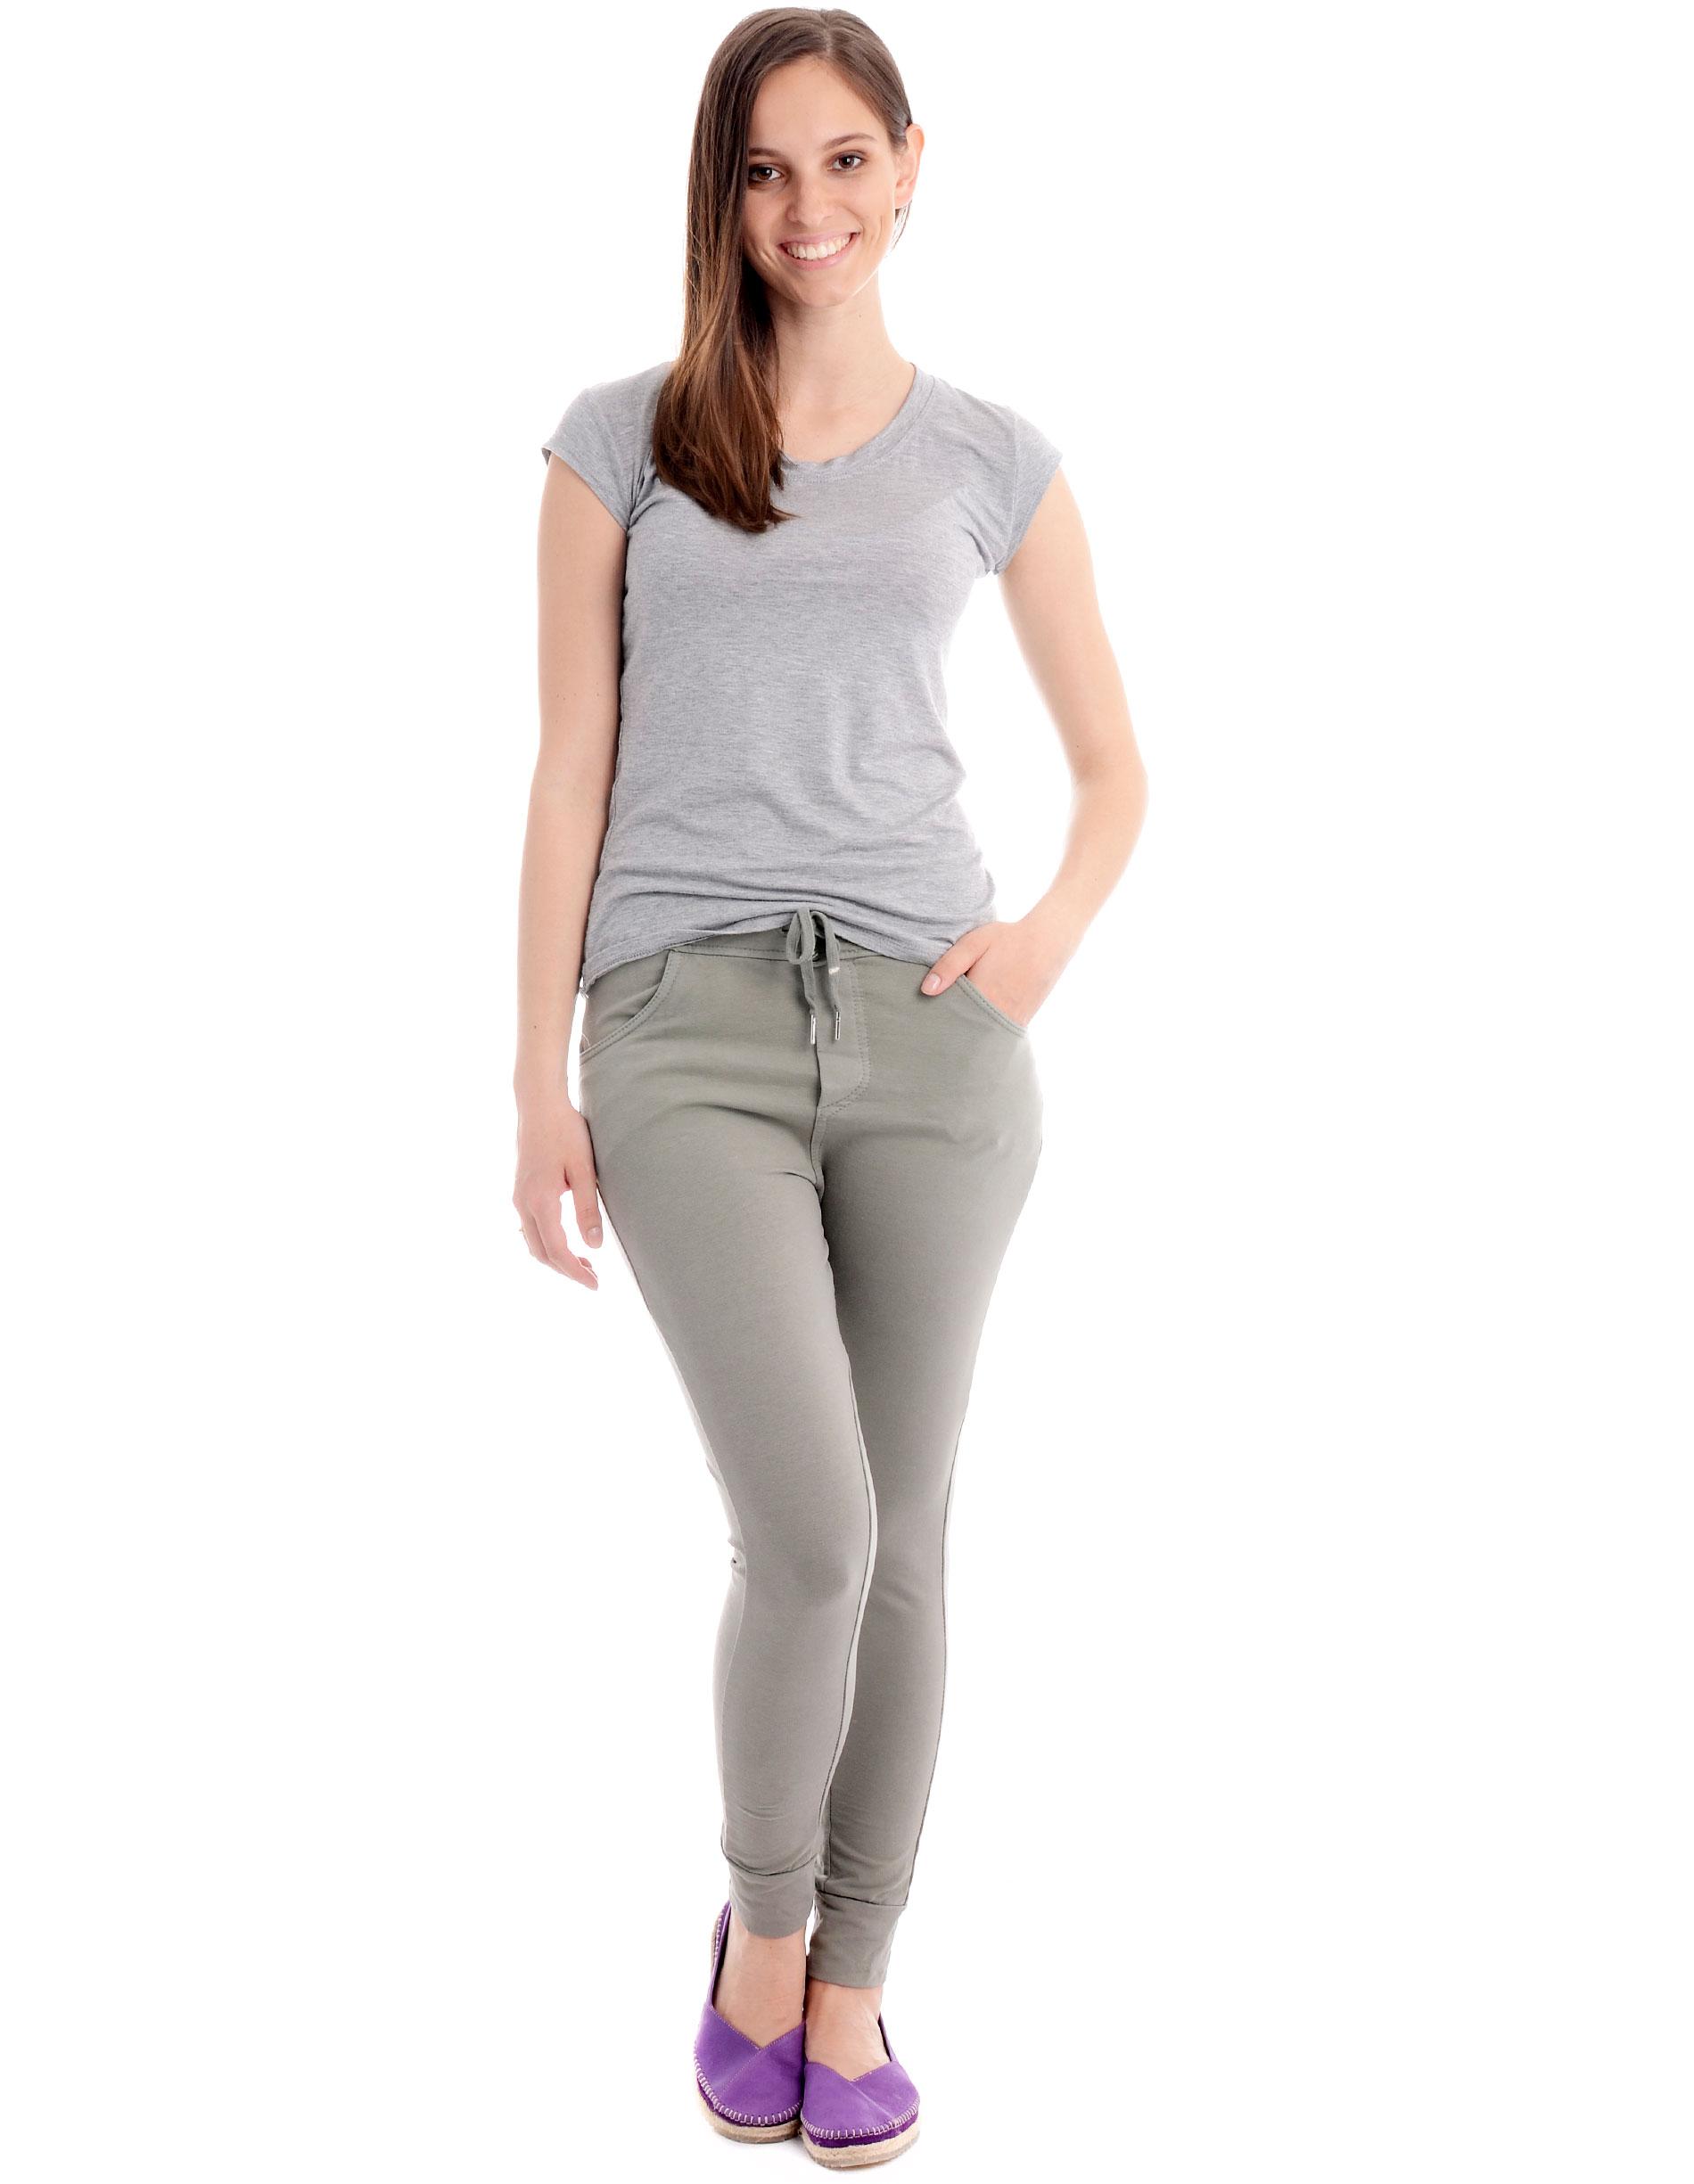 Spodnie - 49-001 MILITA - Unisono